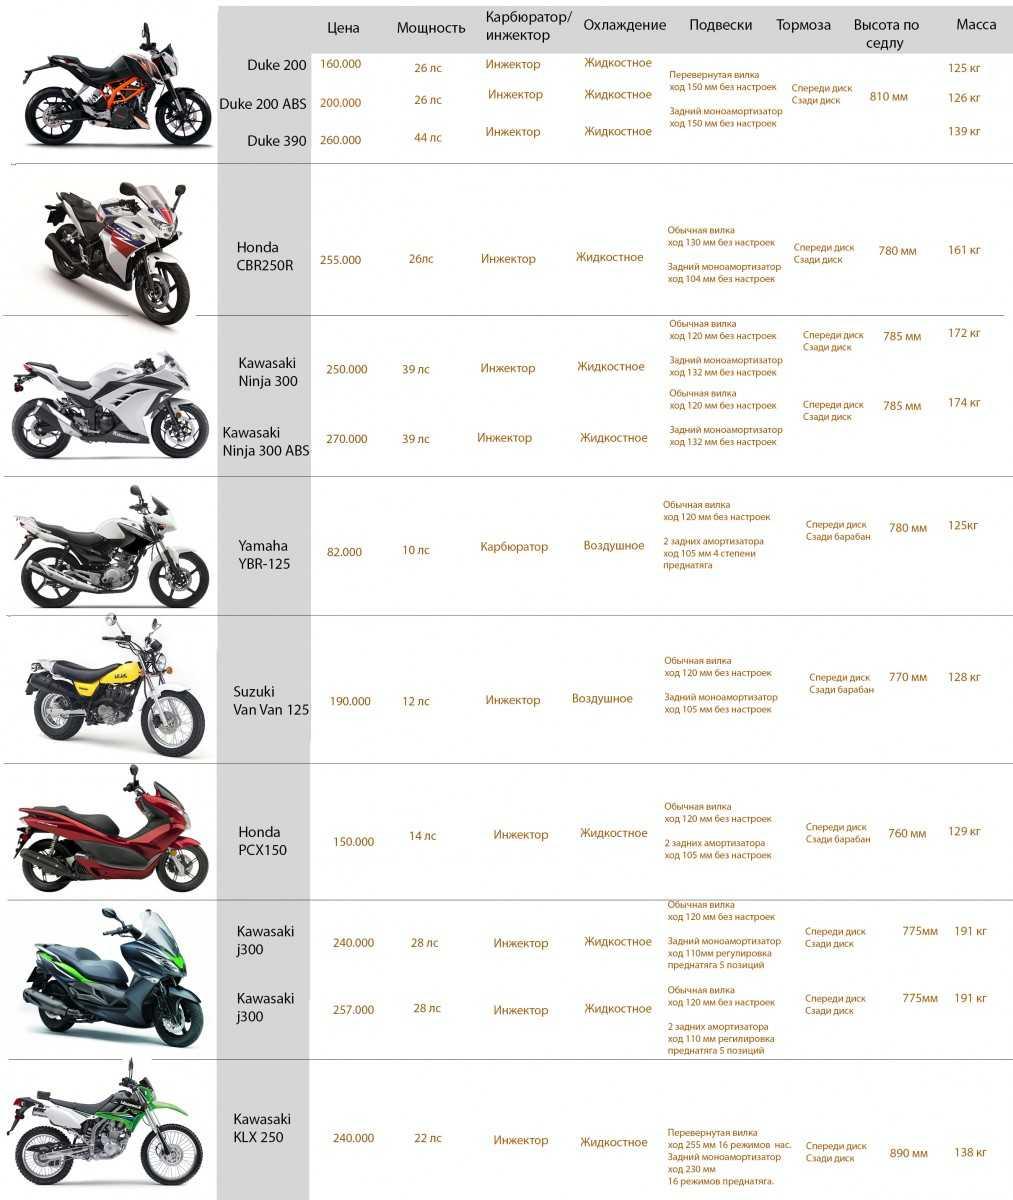 Топ-12 лучших мотоциклов для новичков - рейтинг моделей, цены, преимущества